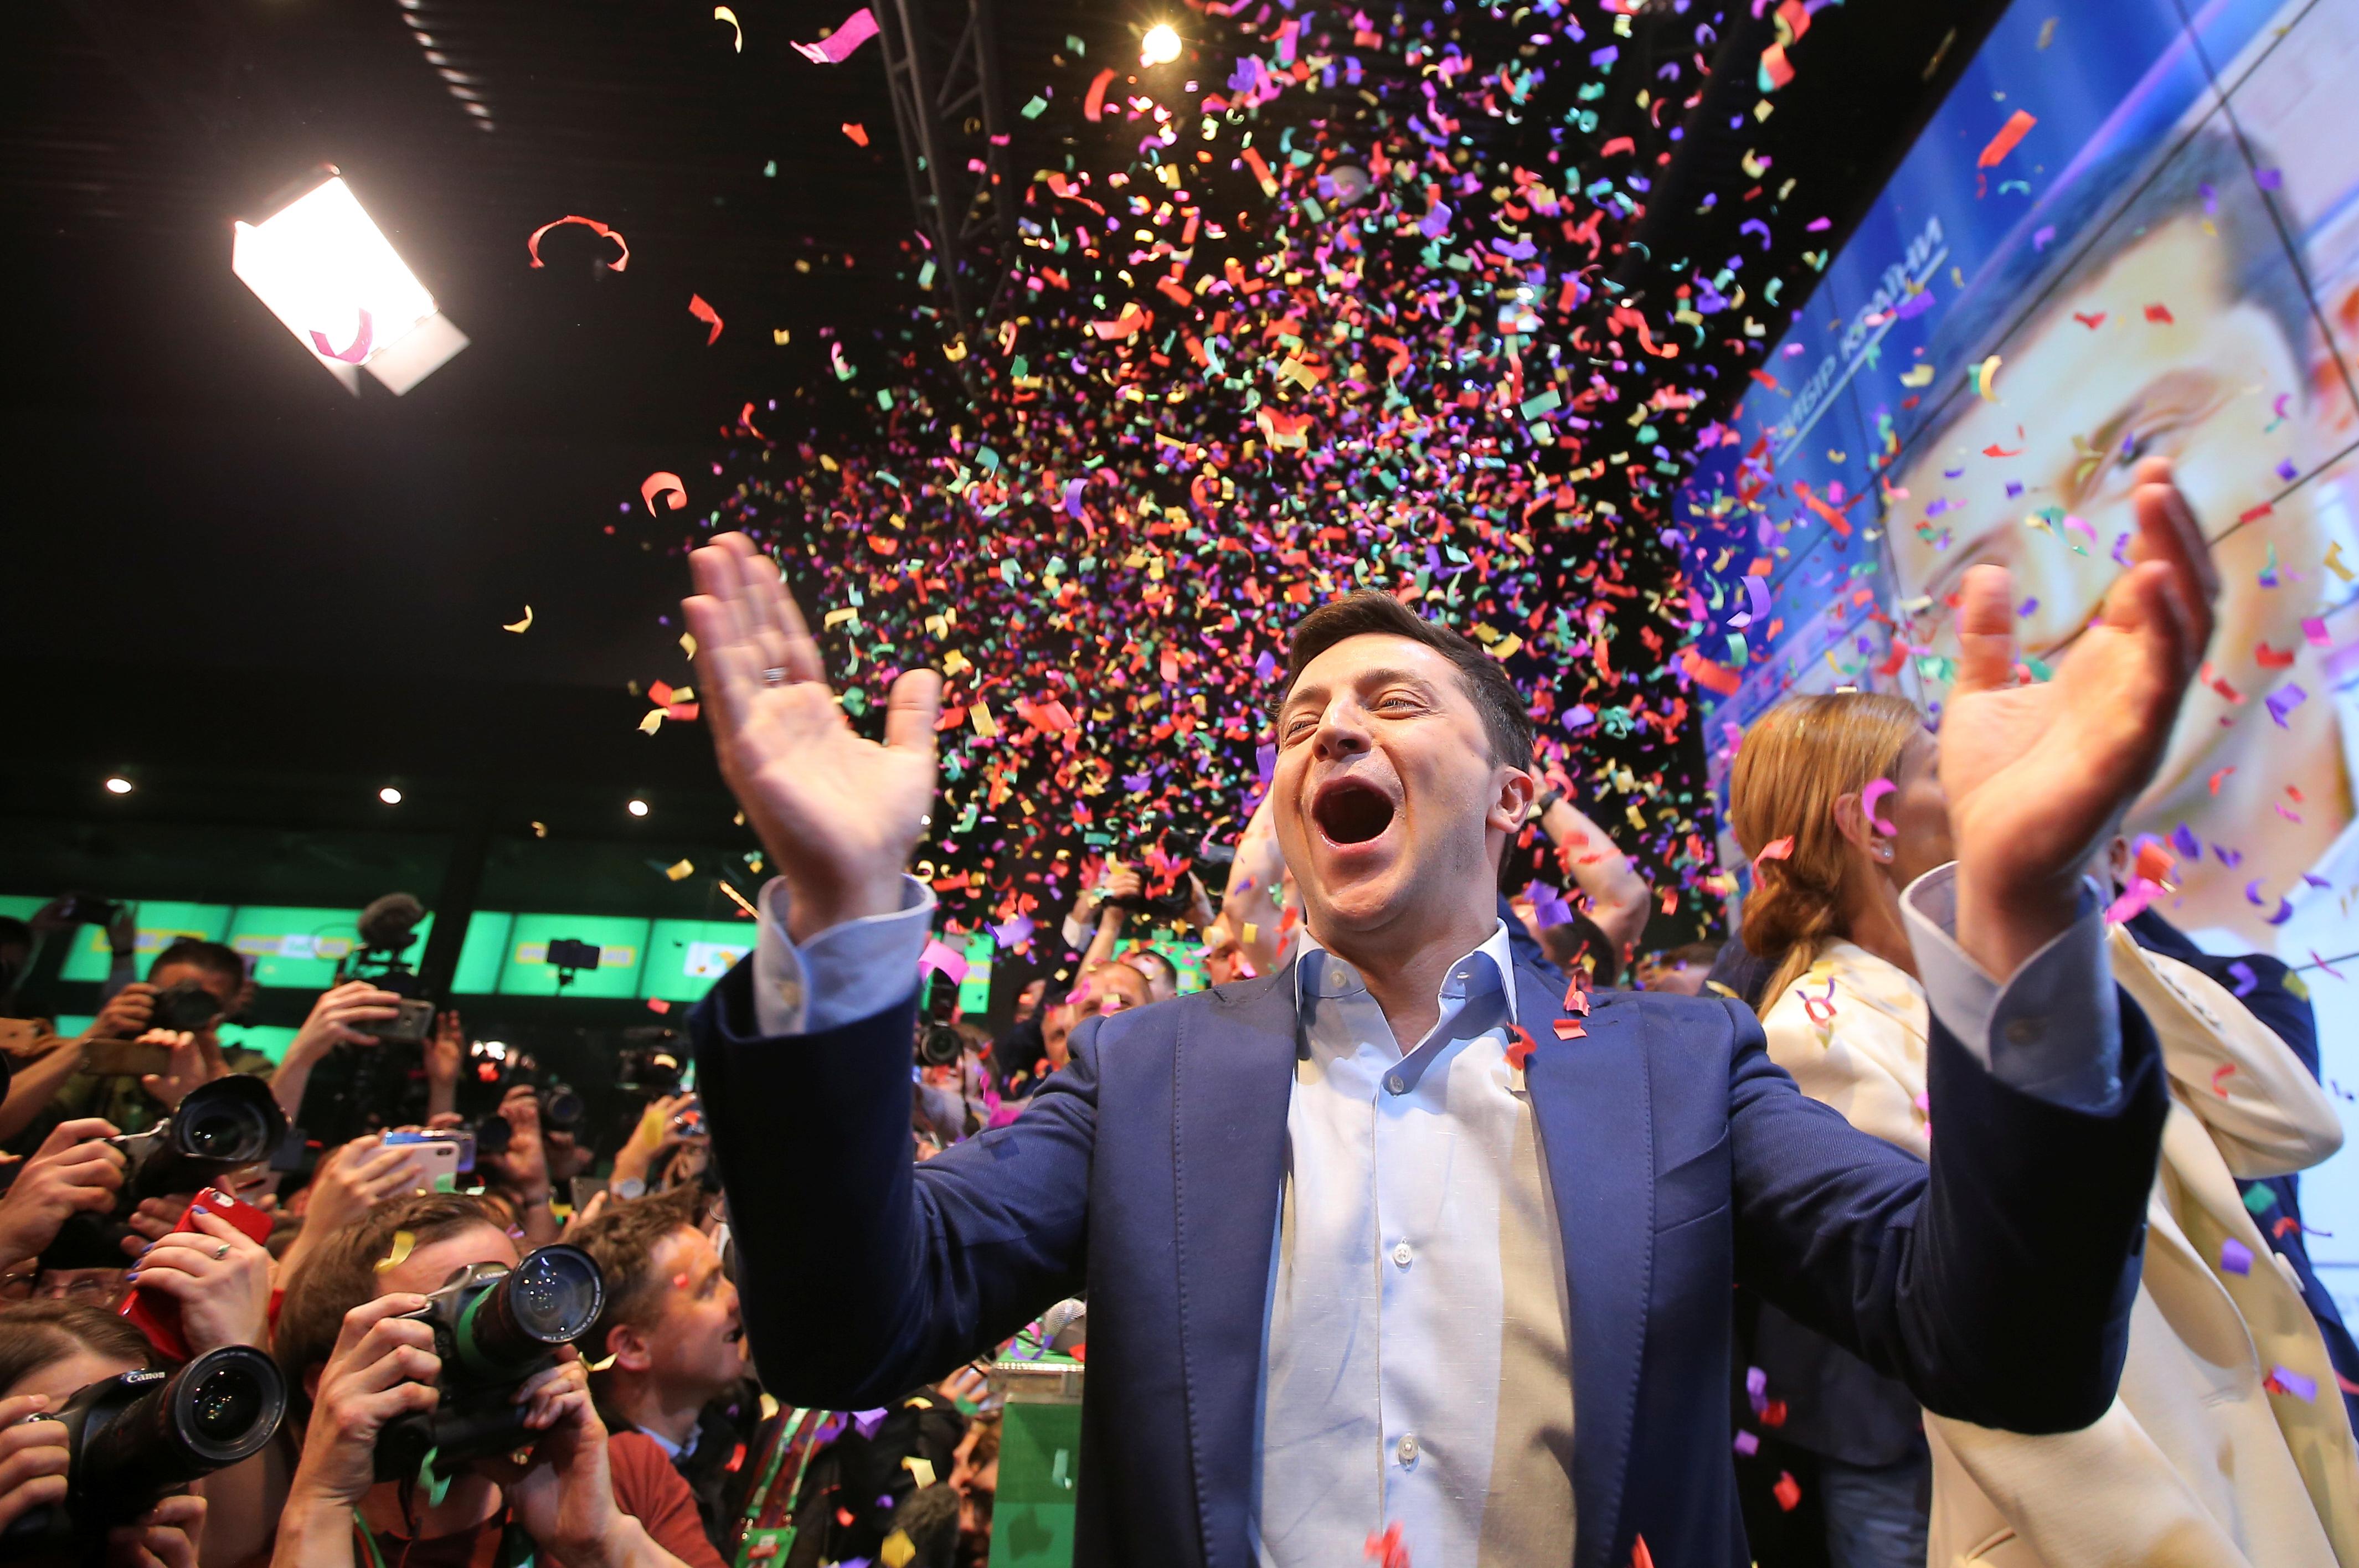 https://img5.s3wfg.com/web/img/images_uploaded/3/6/le-comedien-volodimir-zelenski-remporte-la-presidentielle-en-ukraine.jpg